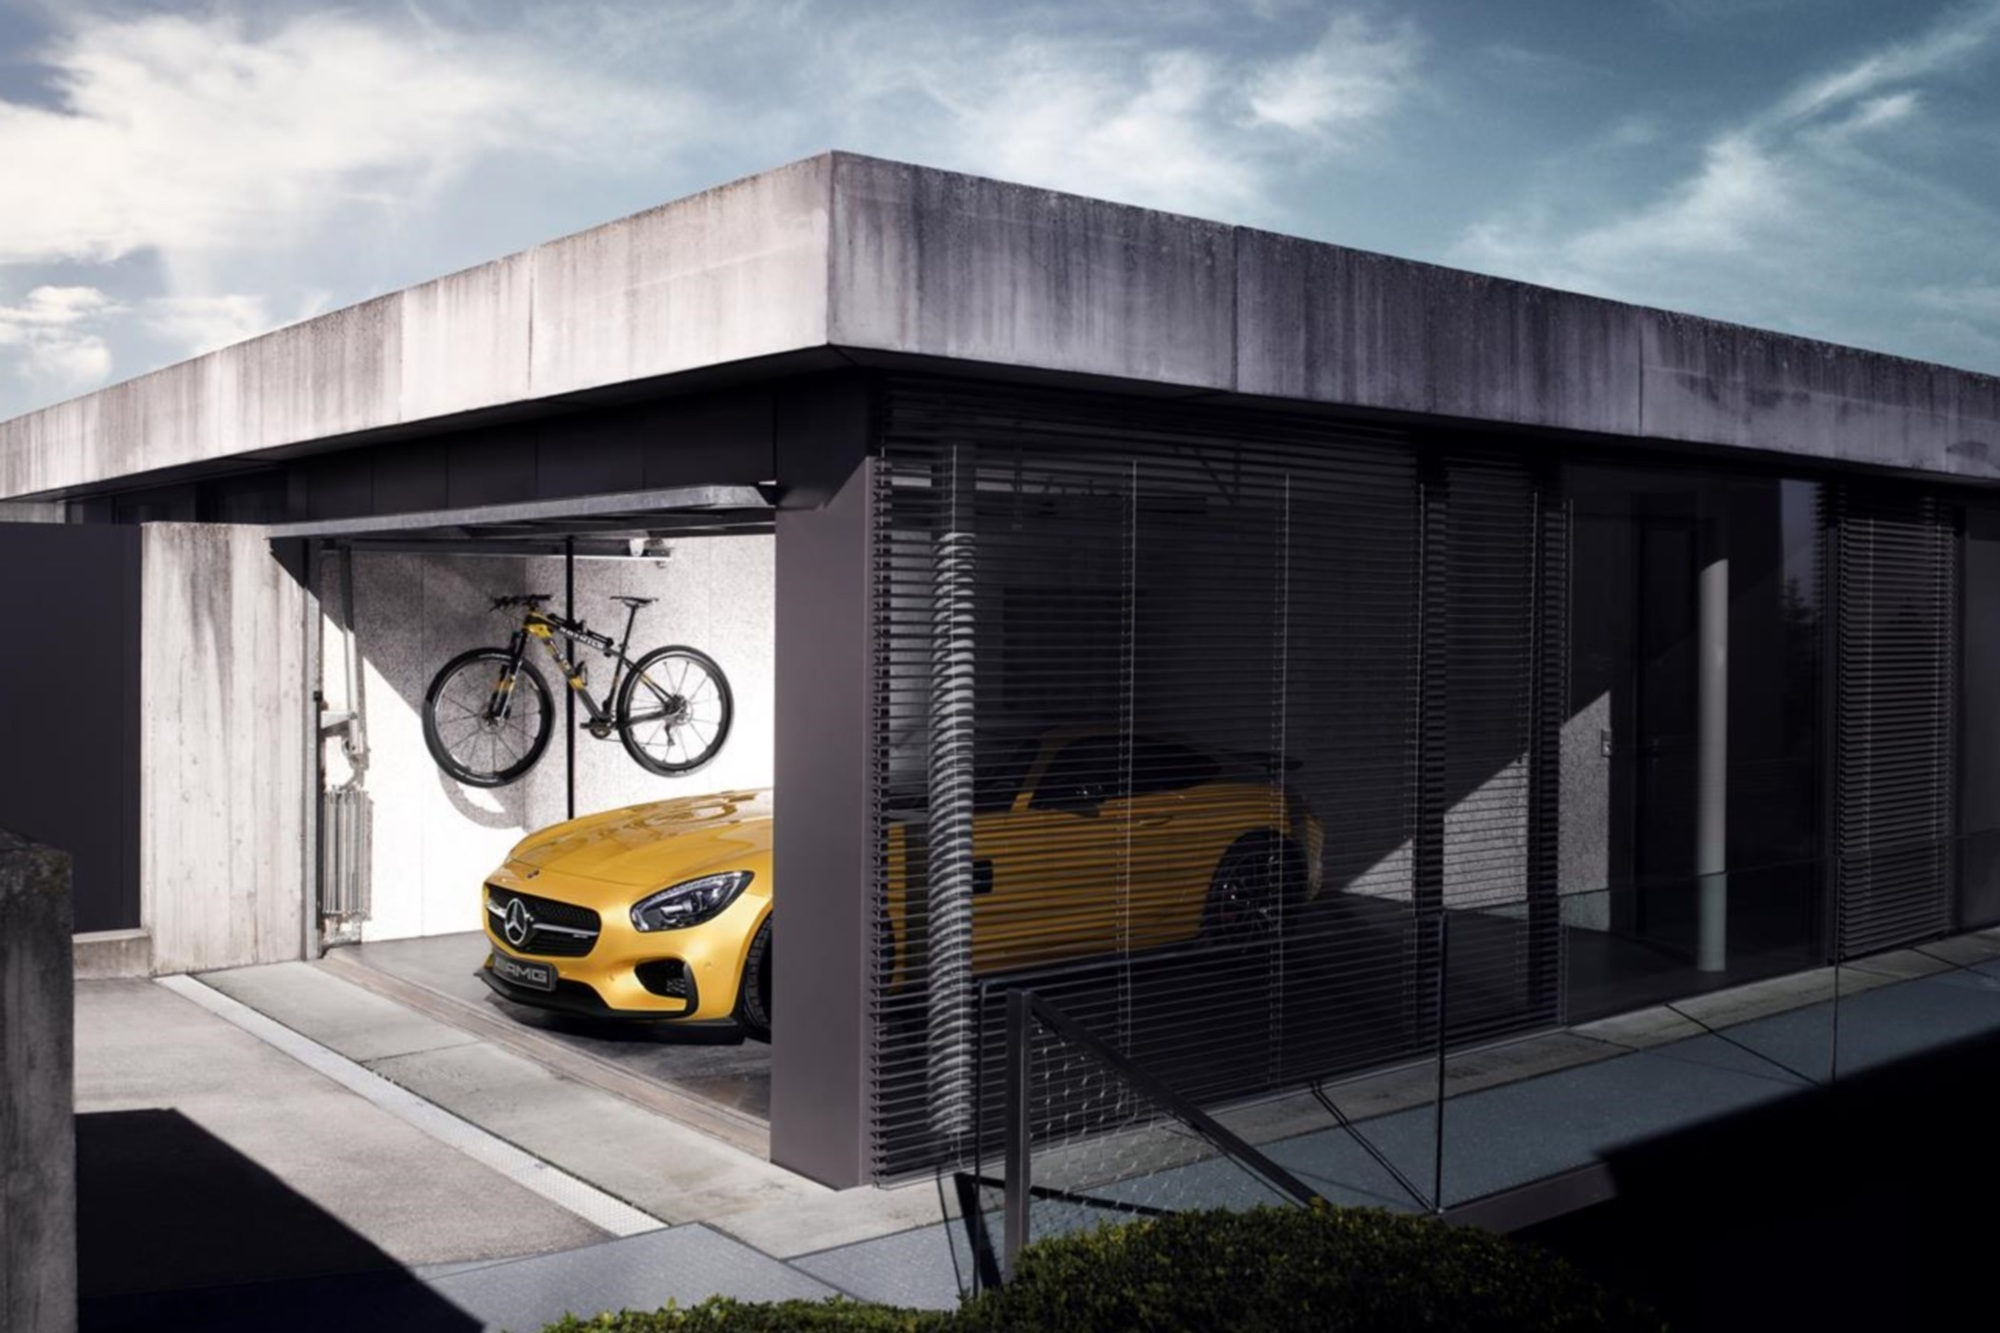 Mercedes-AMG-Fahrrad - Stern mit Pedalen